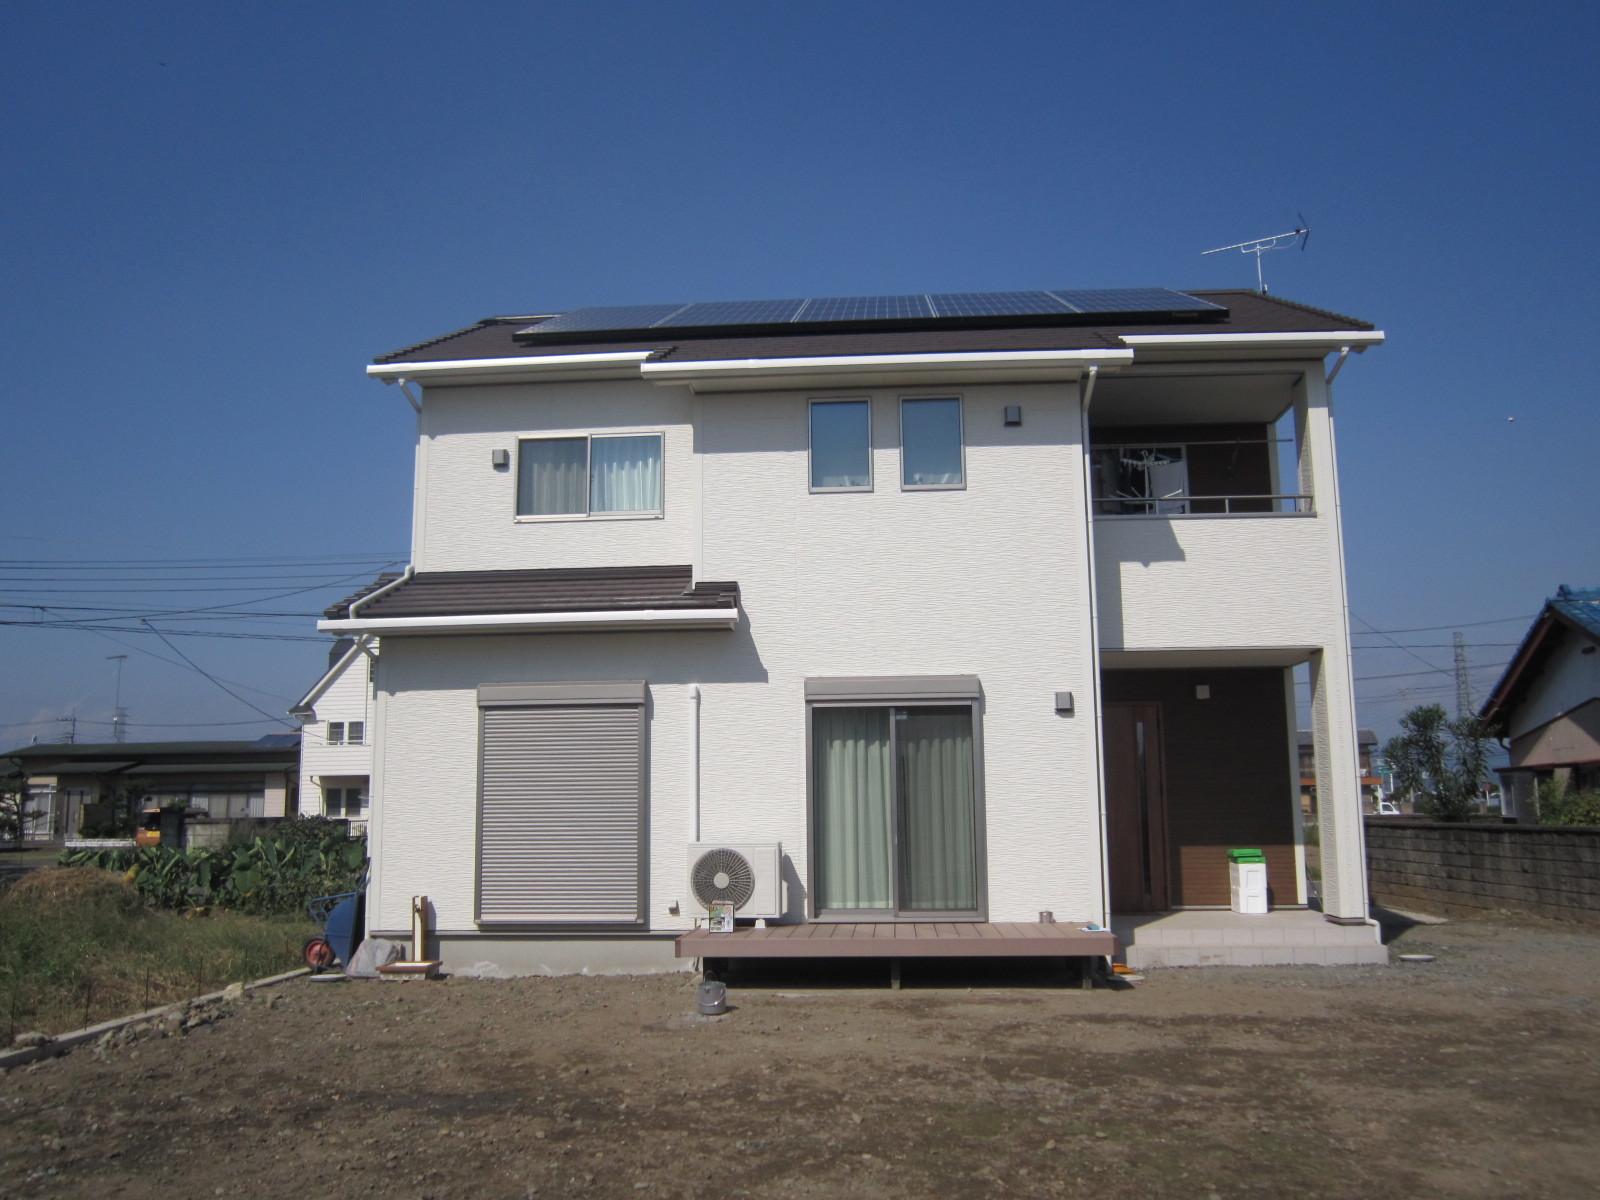 群馬県太田市で外構・エクステリア工事はじまります!_e0361918_15010217.jpg